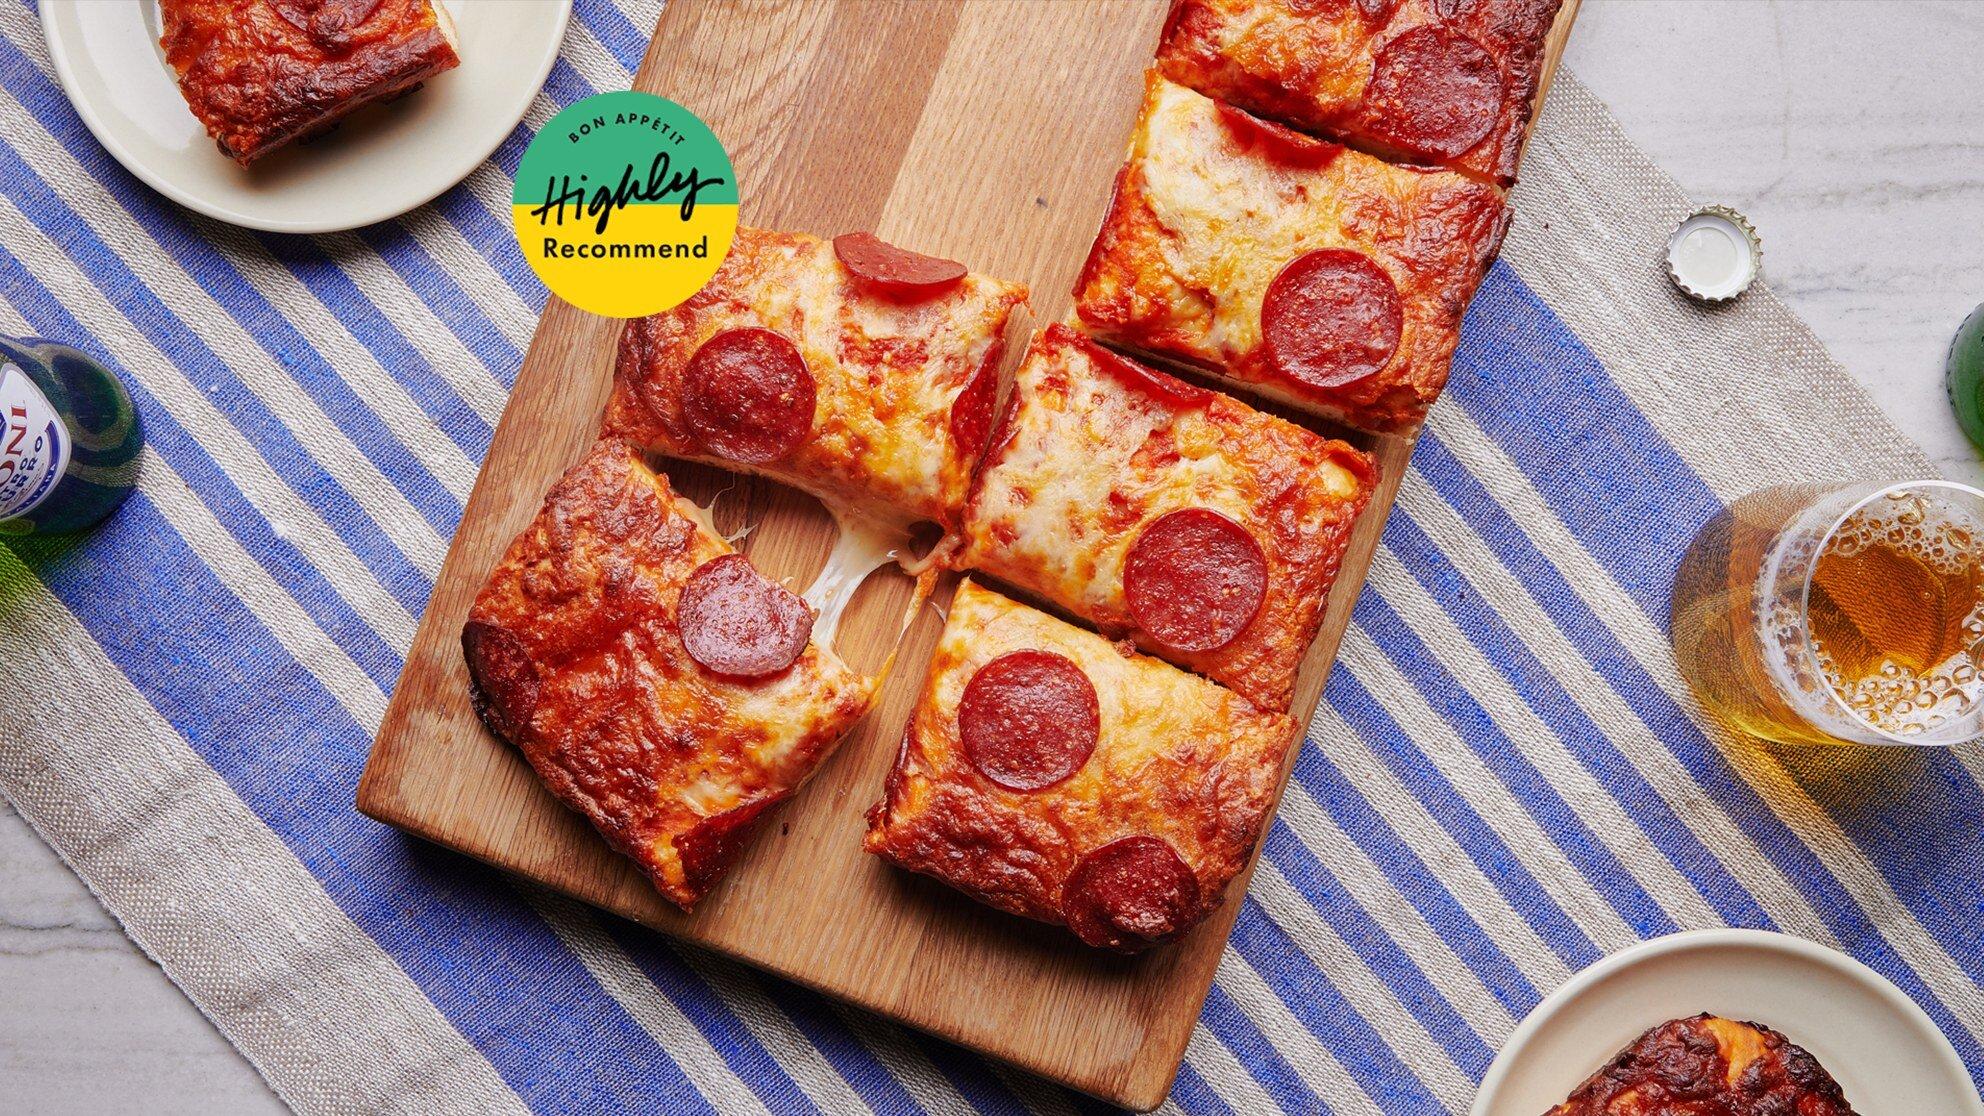 HR-DiGiorno-Pizza.jpg